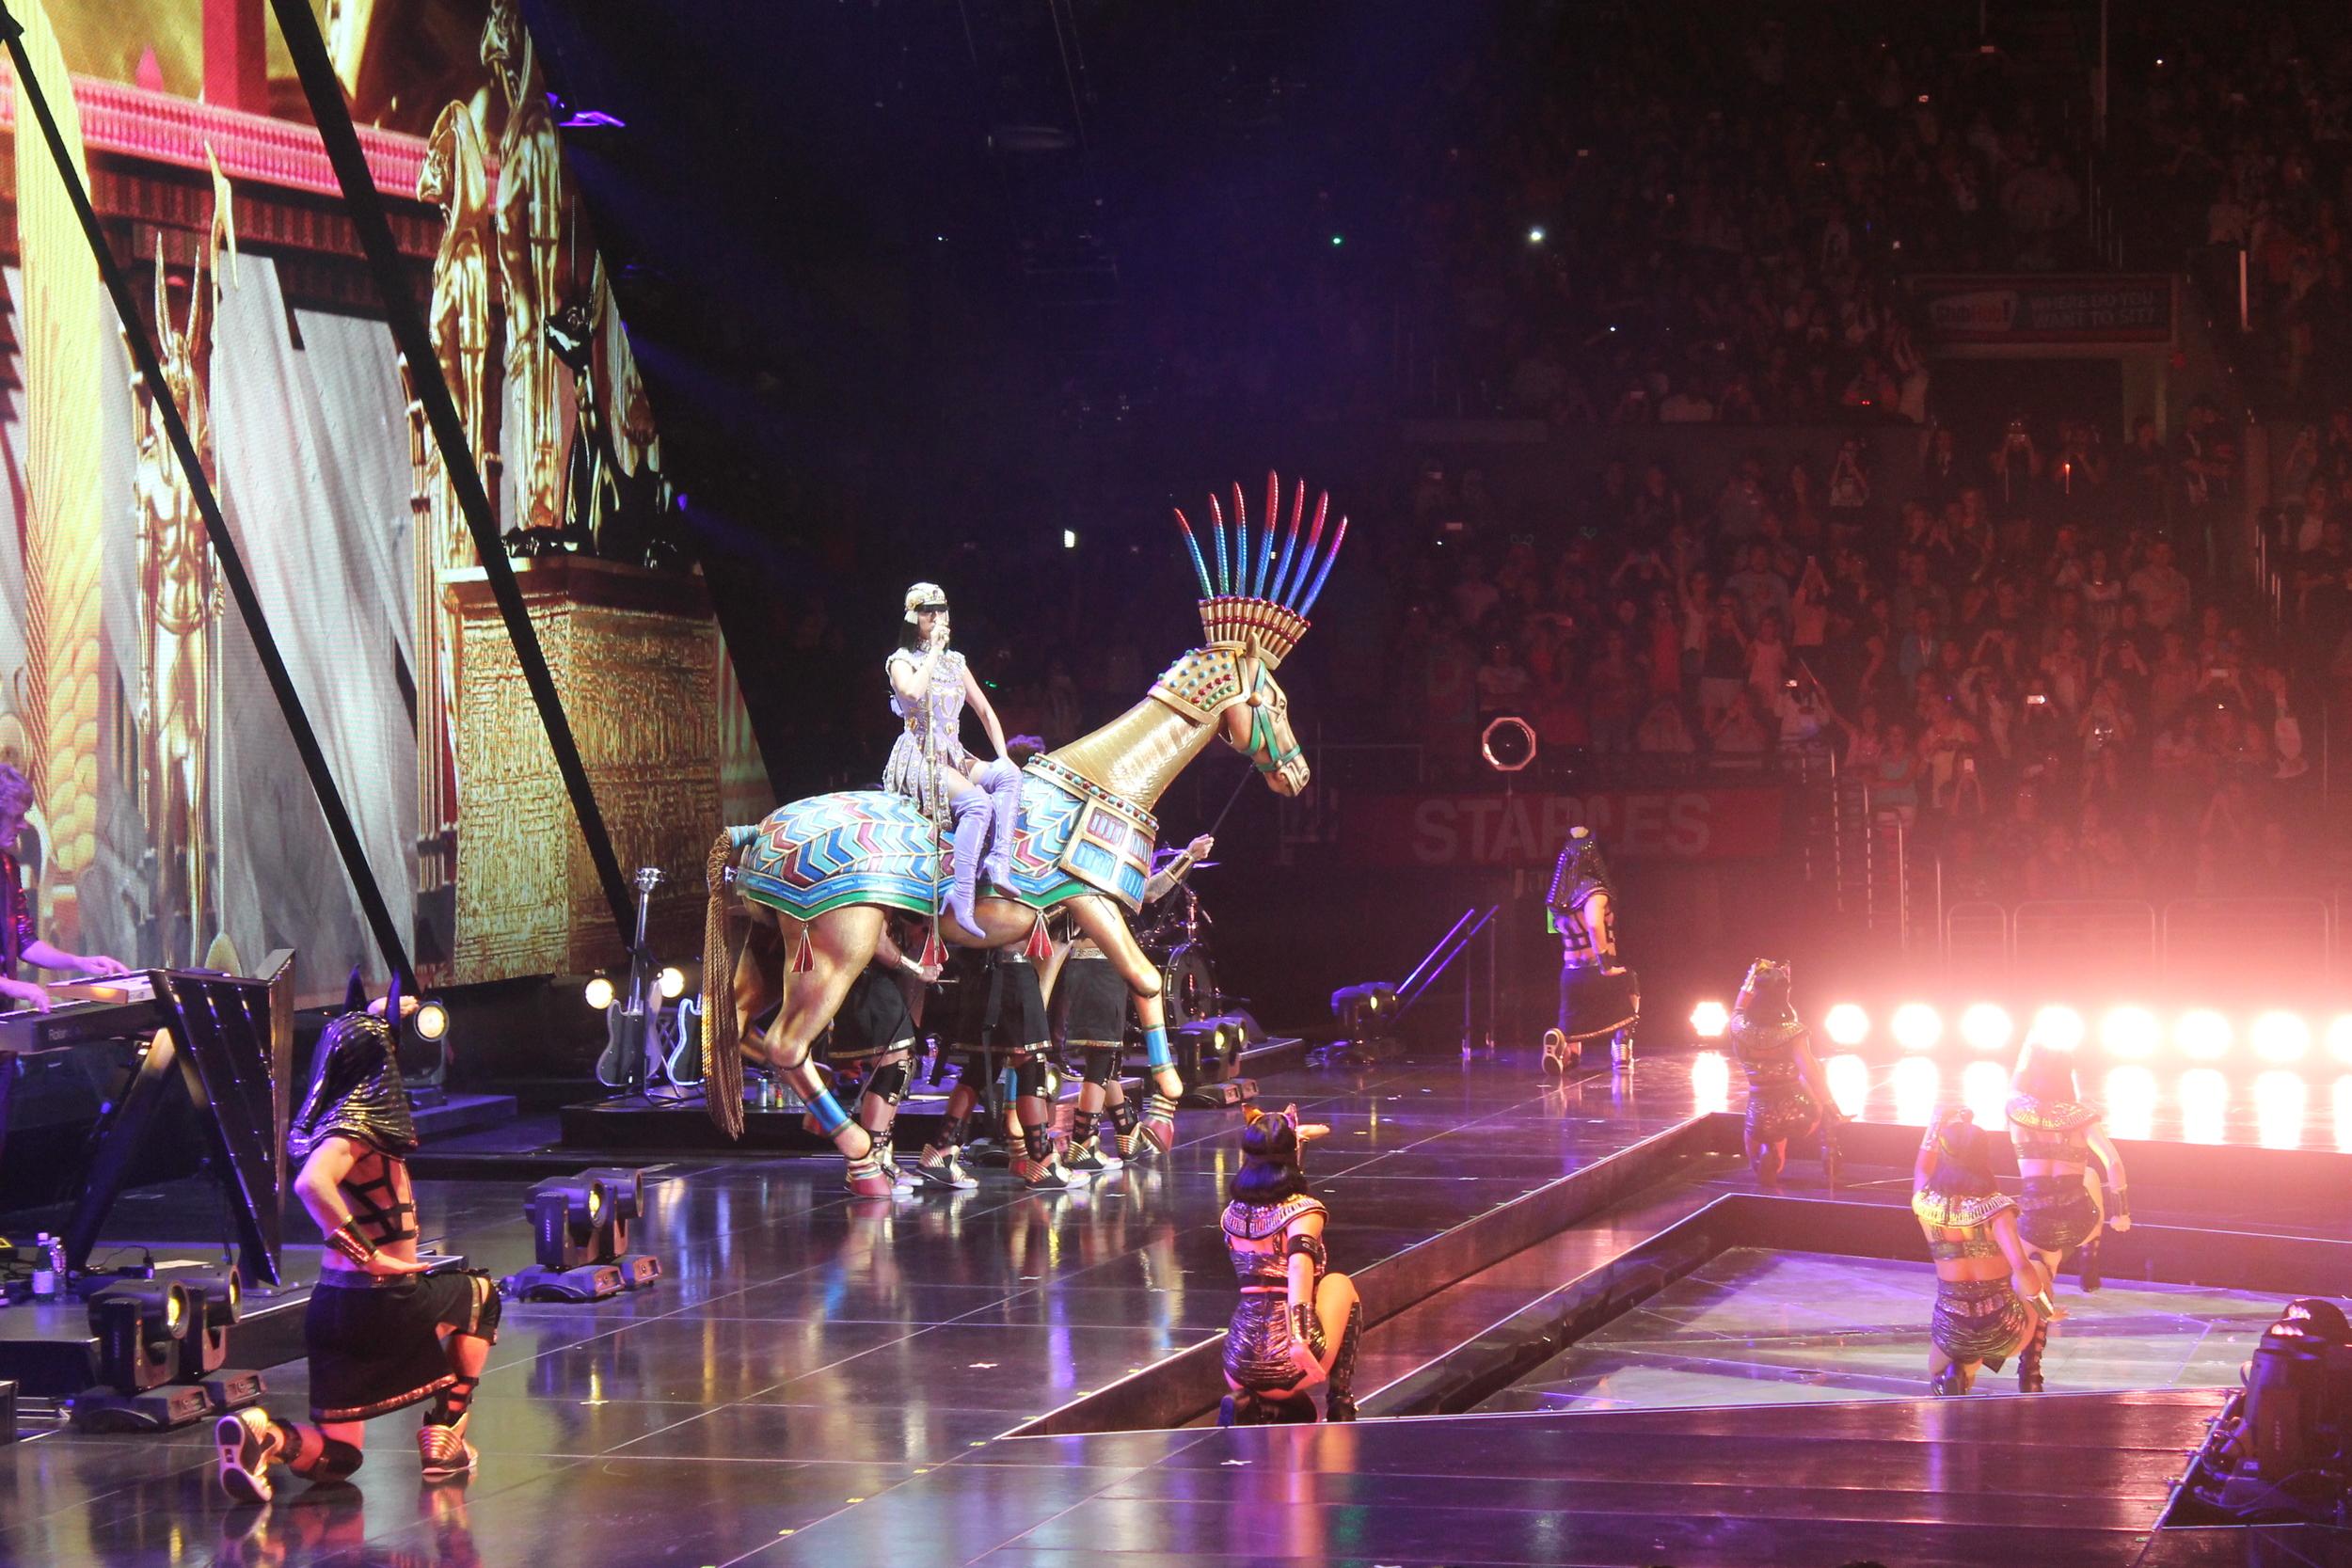 Katy cantoó Dark Horse montada en un enorme caballo